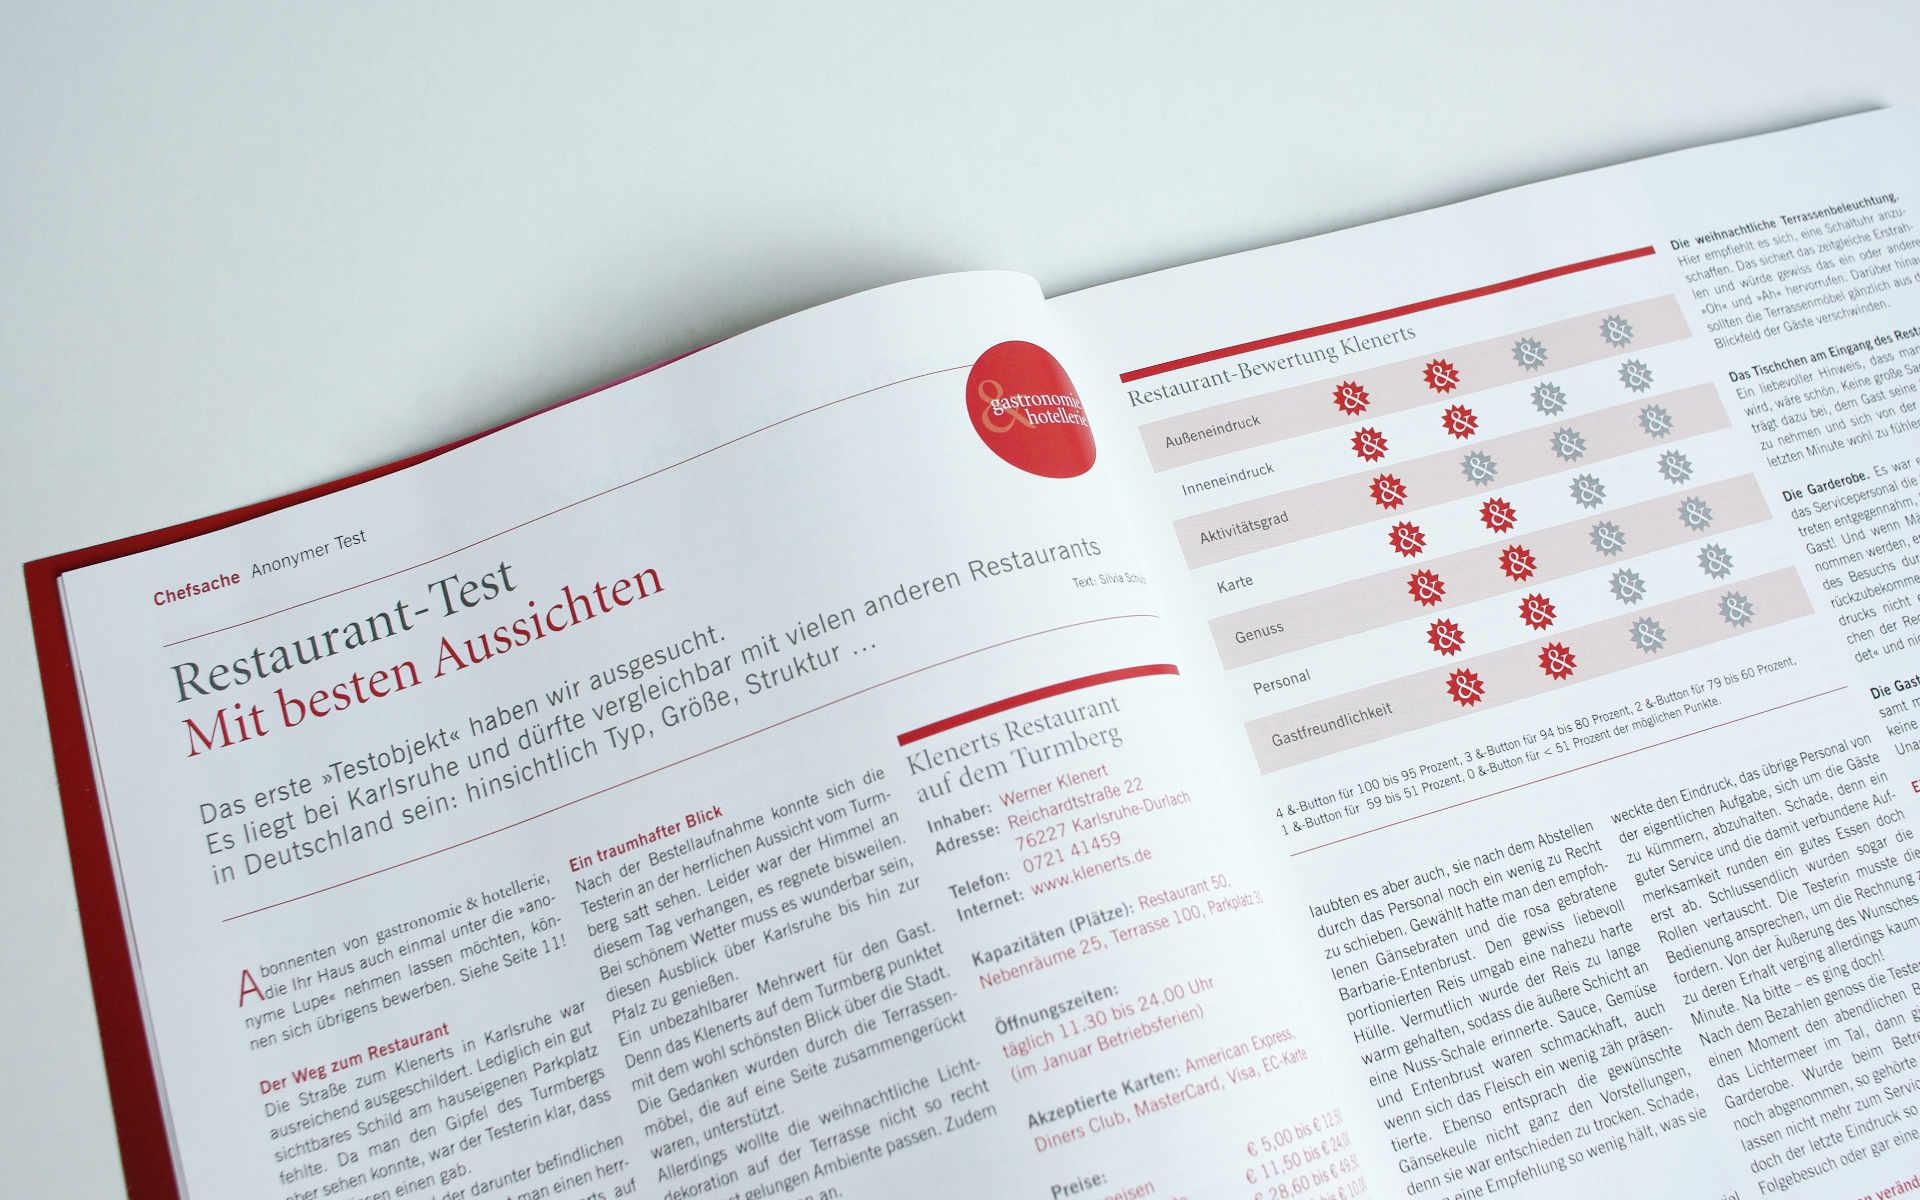 Gatronomie Relaunch Zeitschrift Icondesign